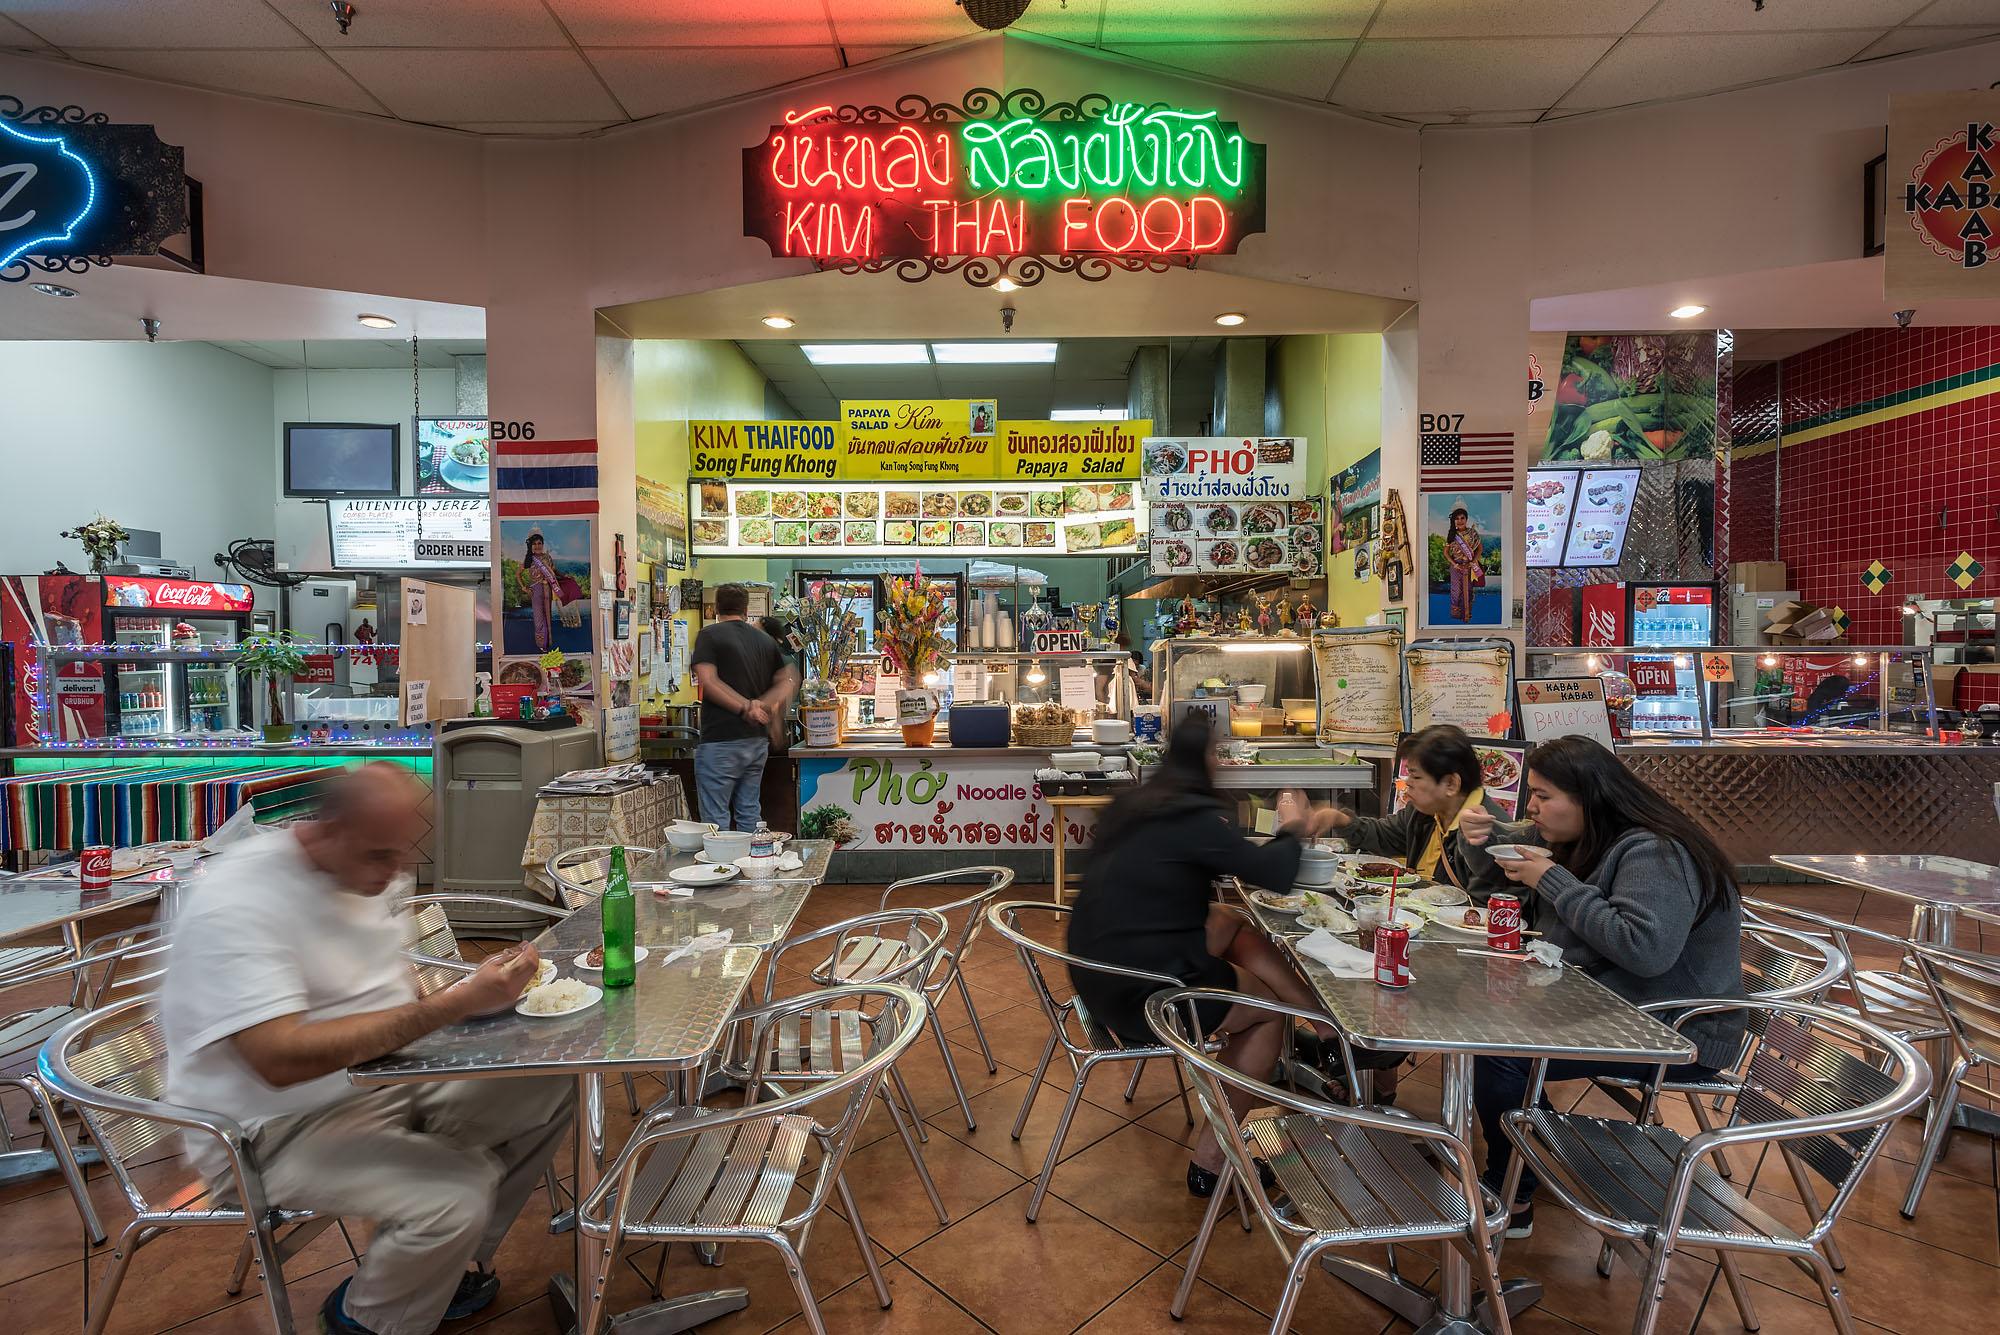 Amazing Thai Cuisine | Best Thai Food In Town